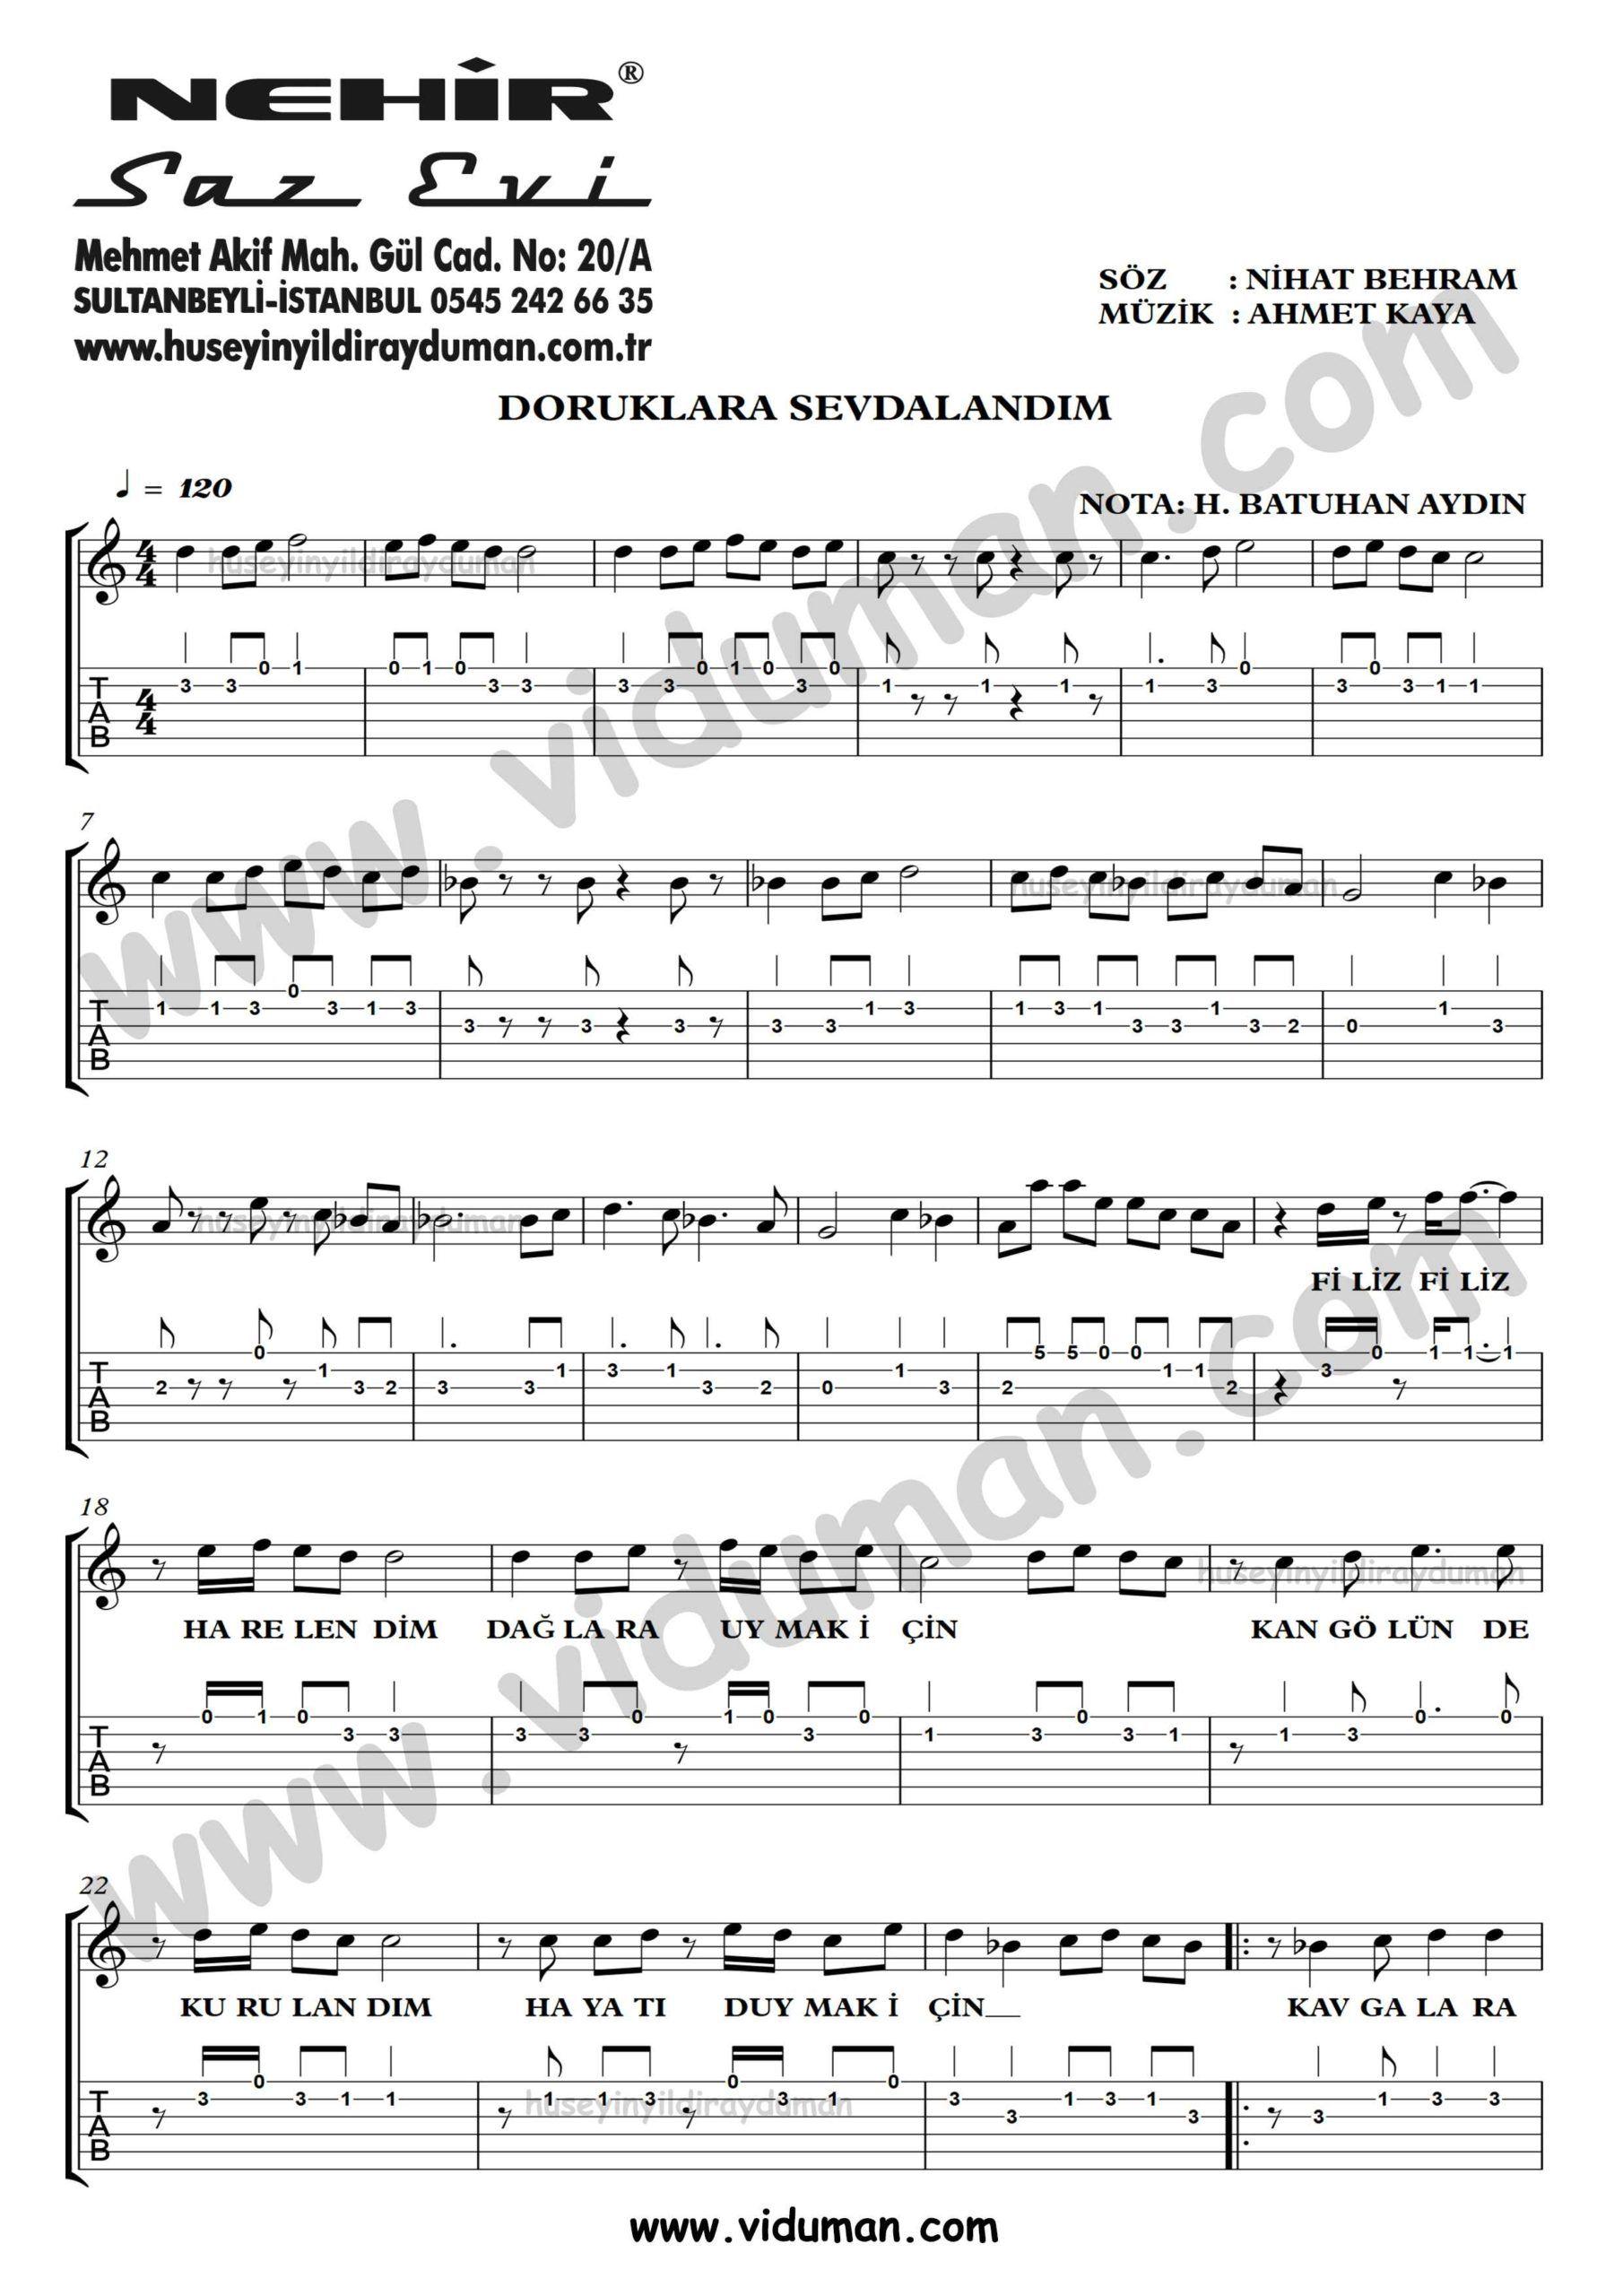 Doruklara Sevdalandim Ahmet Kaya Gitar Tab Solo Notalari Gi Tar Muzik Marti Ni